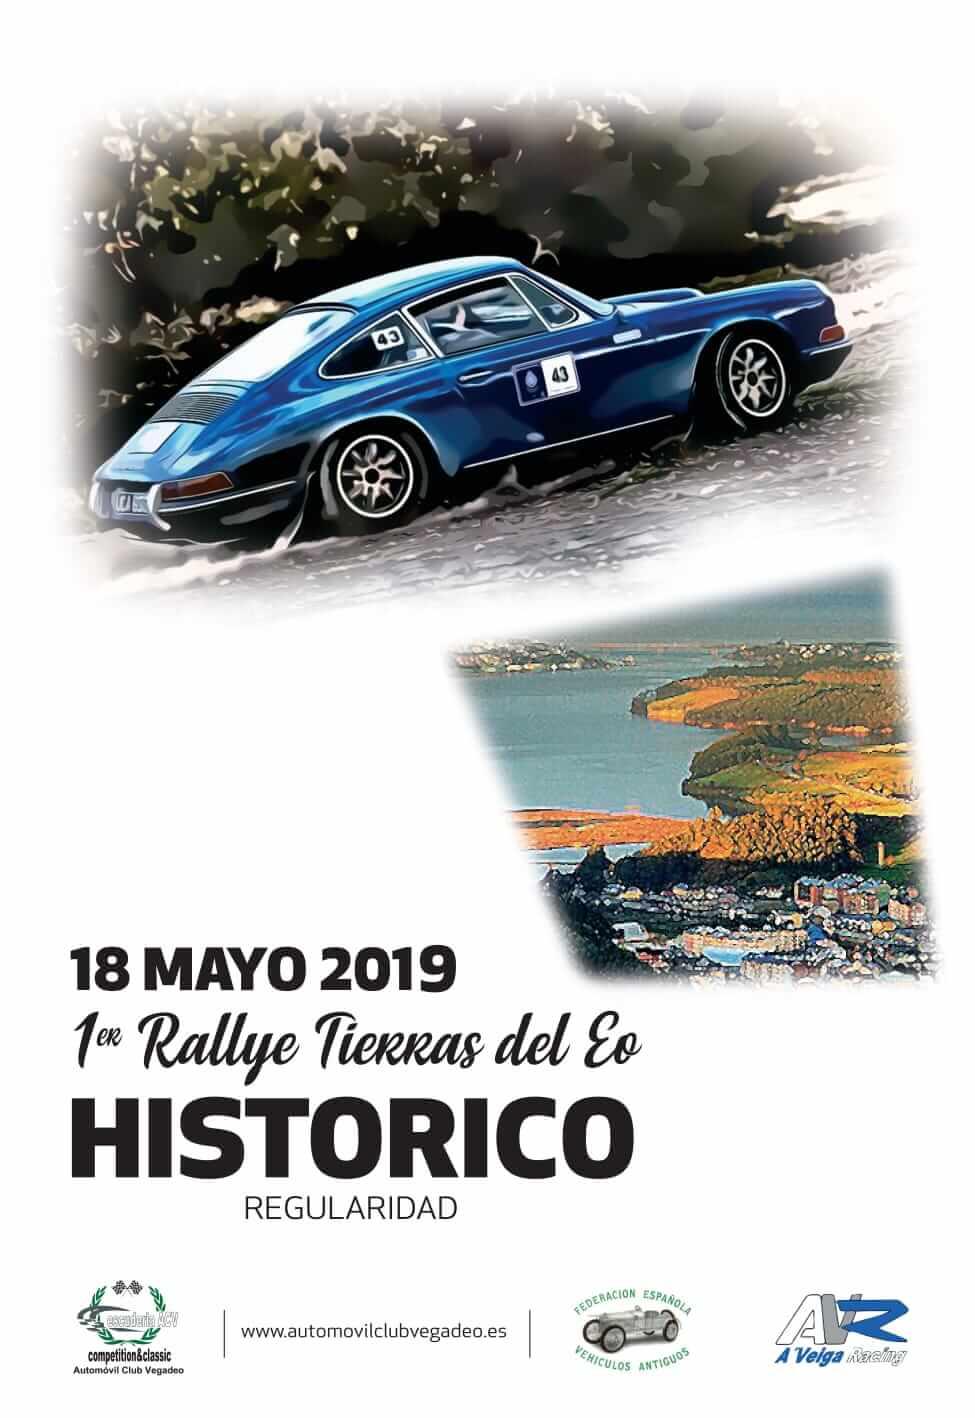 Rallye Histórico